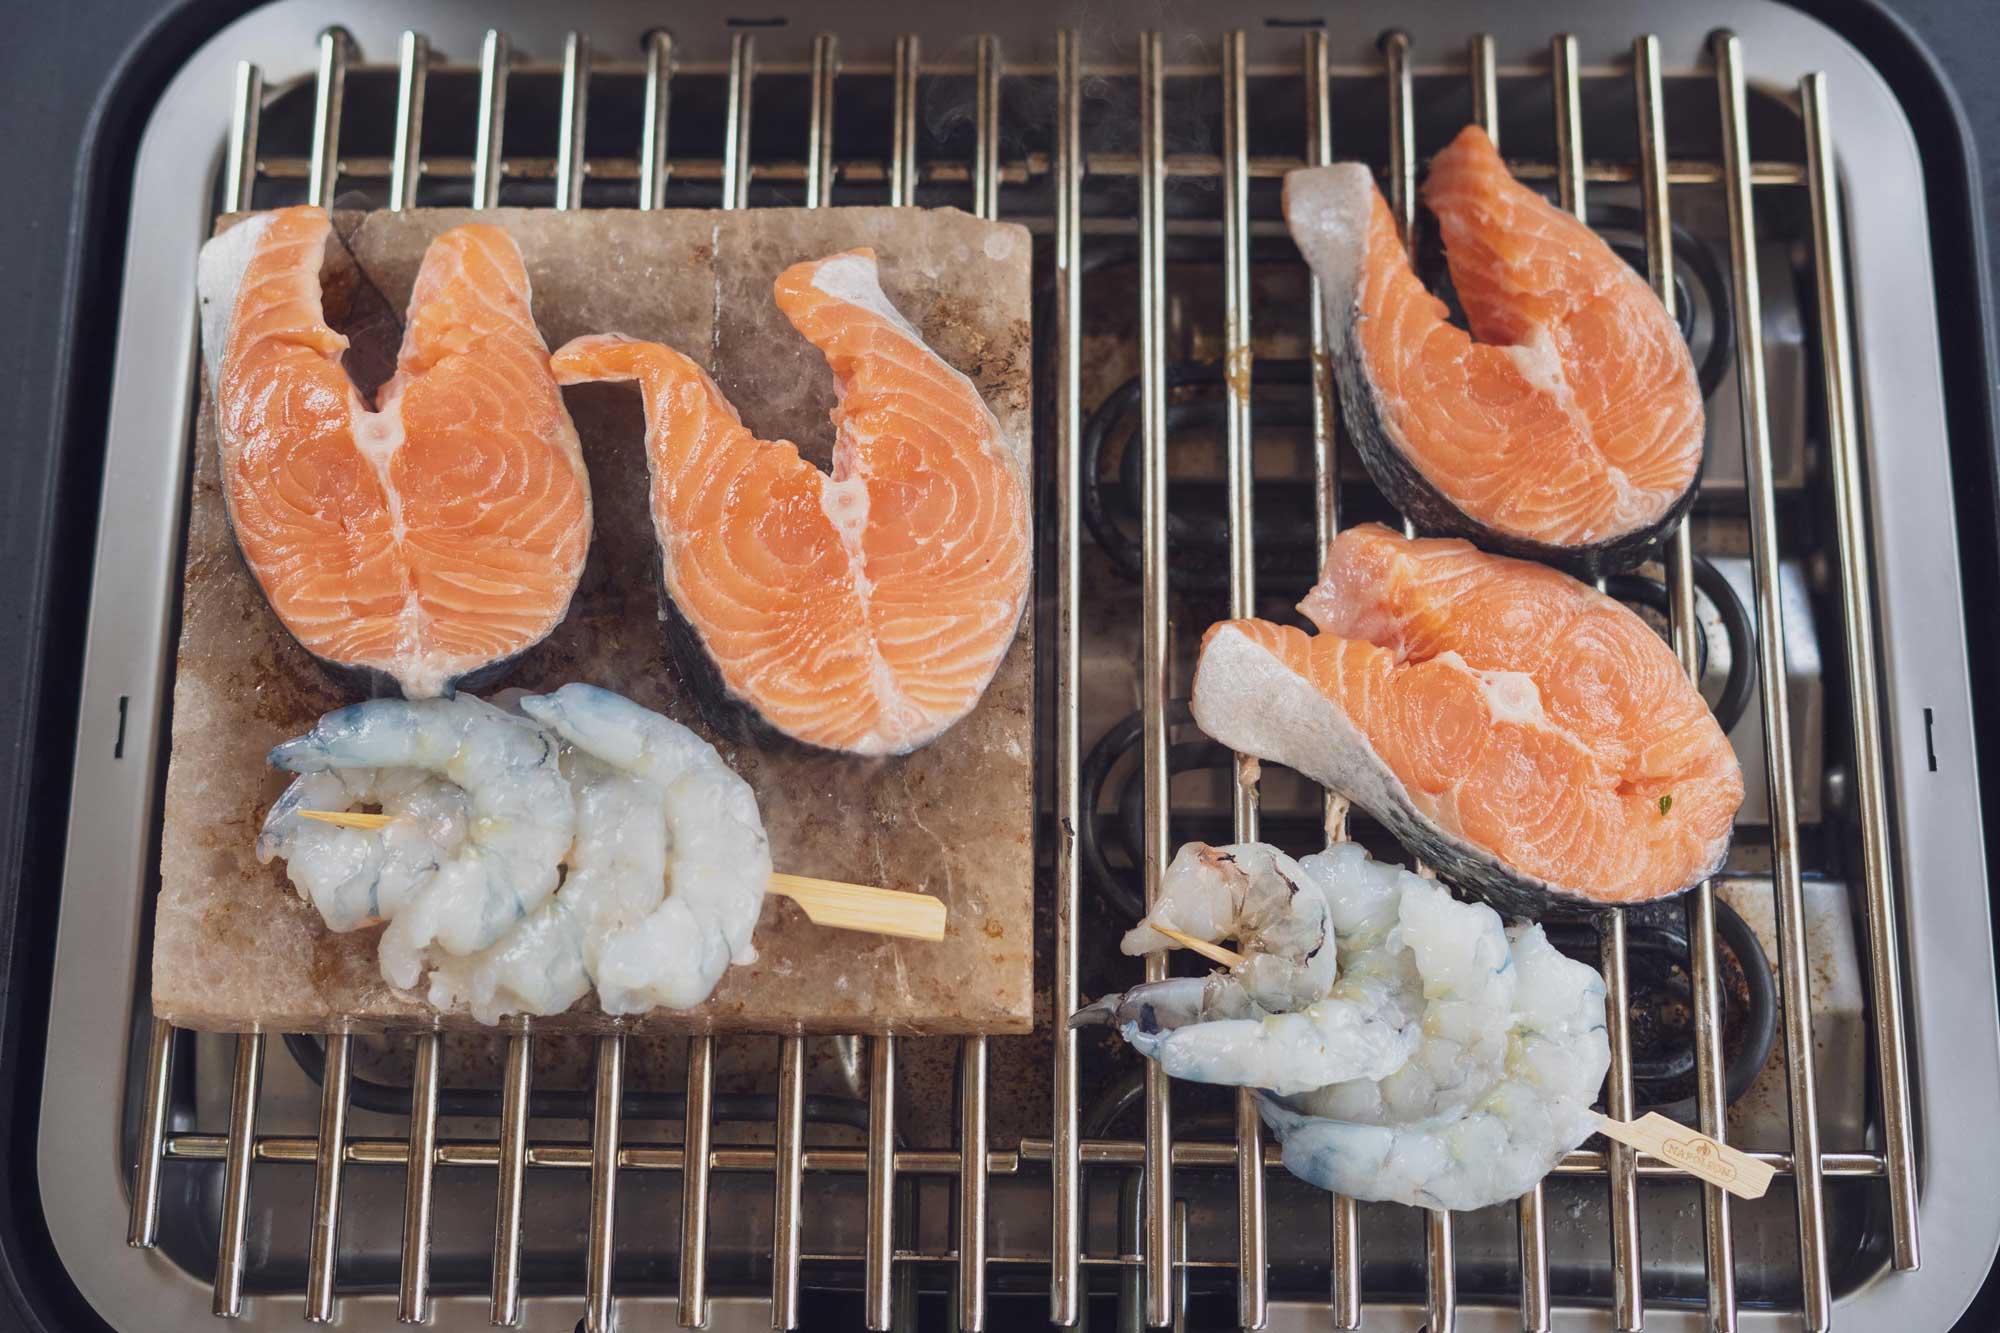 Lachs und Garnelen liegen auf dem Grill bzw. den Salzstein